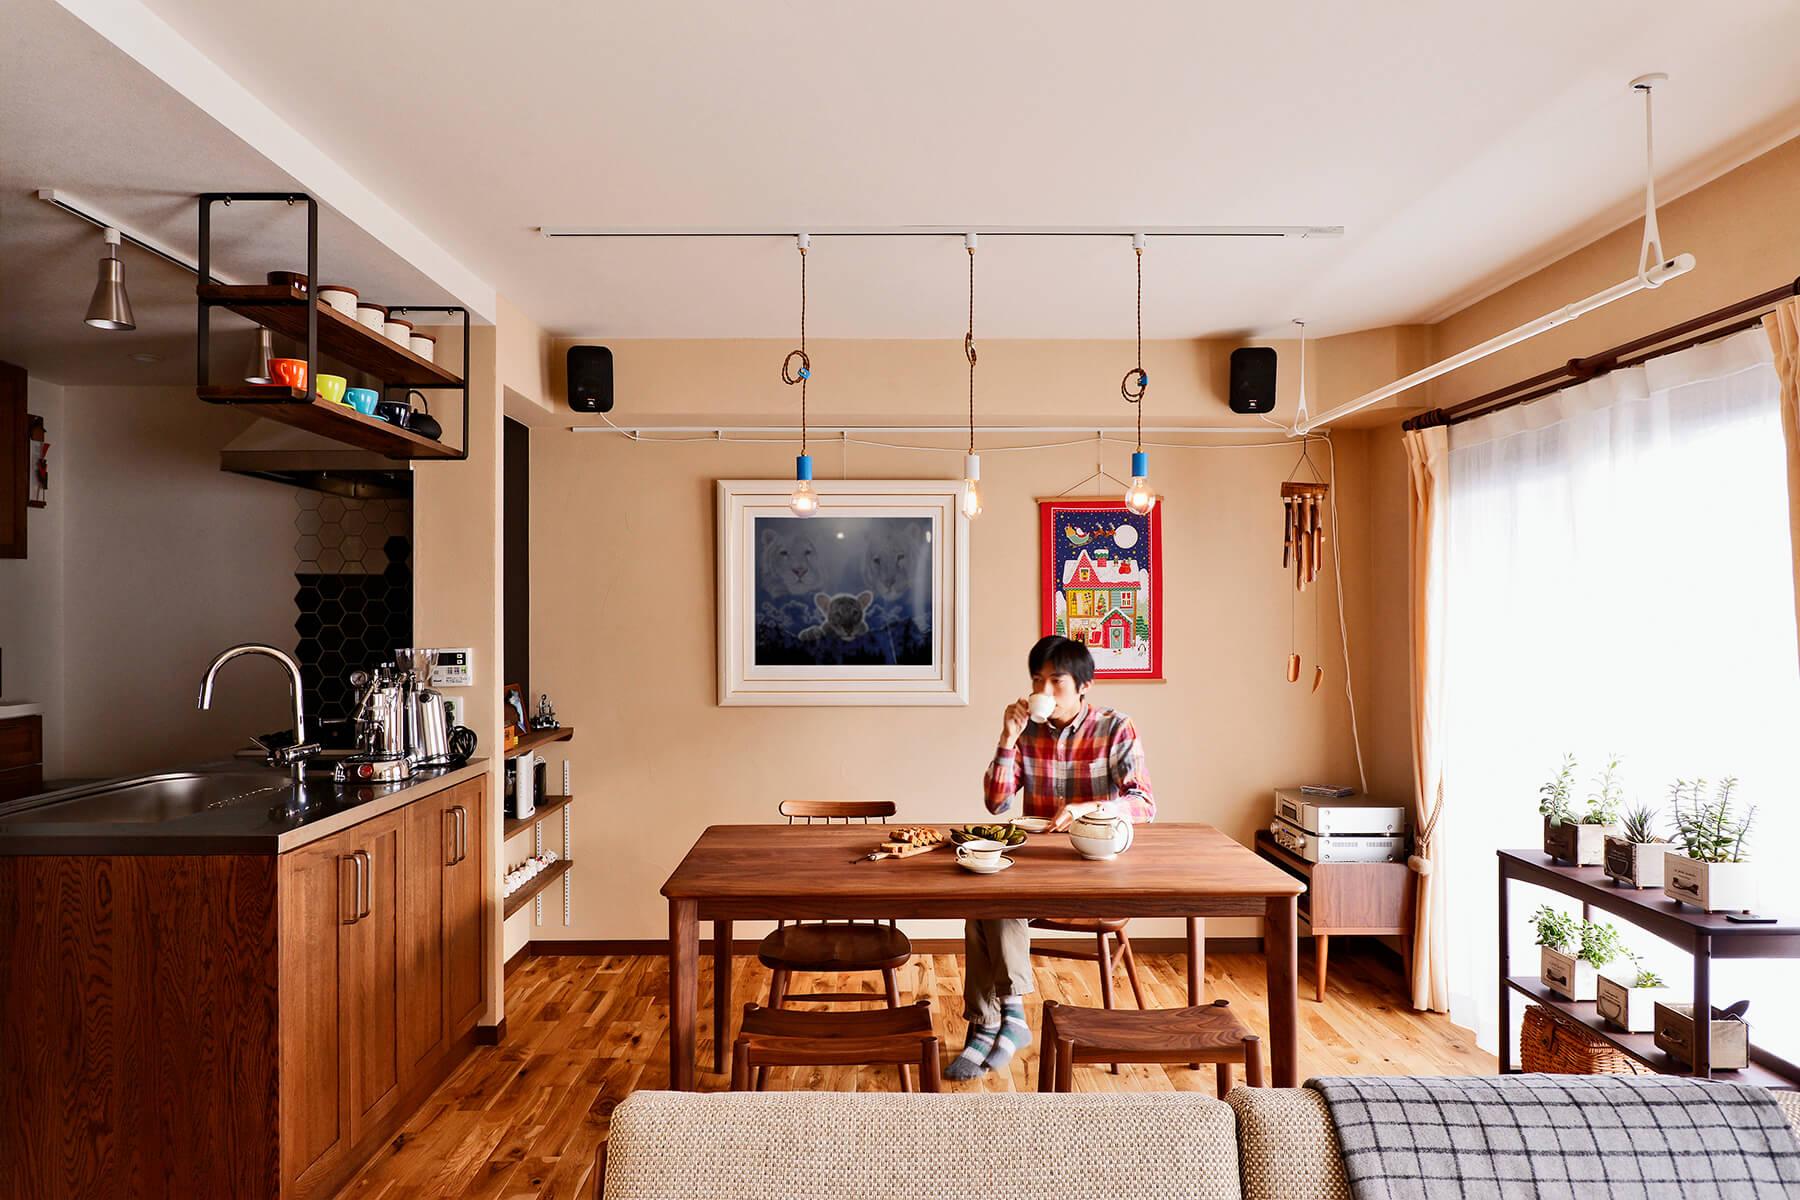 住宅WEBメディア「リノベりす」に東京・世田谷区の施工事例・N様邸が紹介されました。